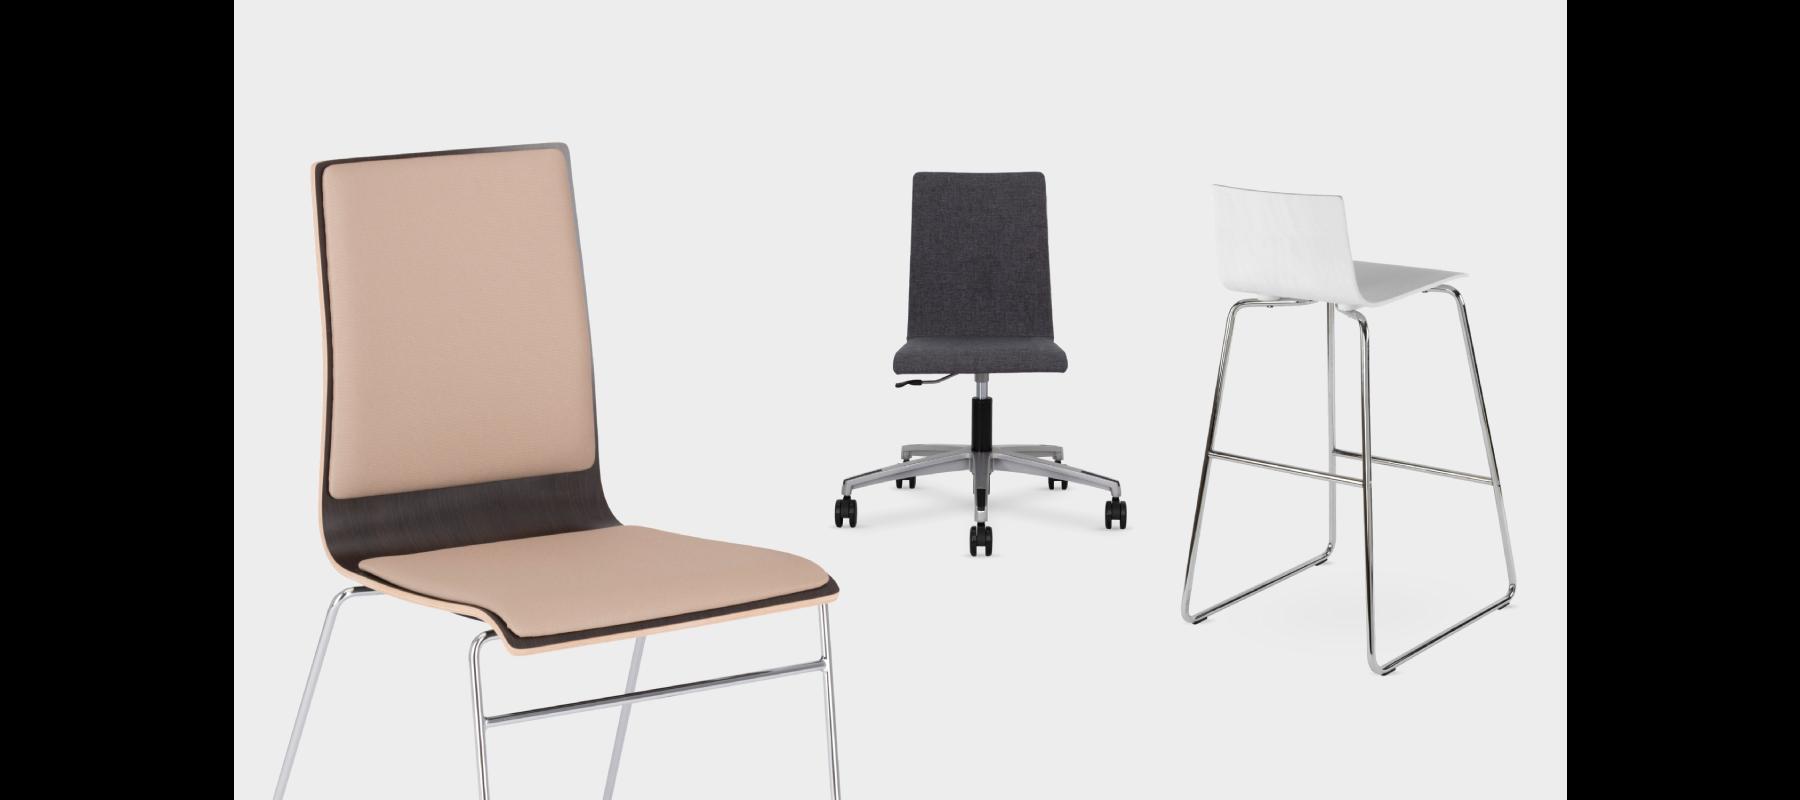 krzesła stacjonarne cafe aranżacje - 05